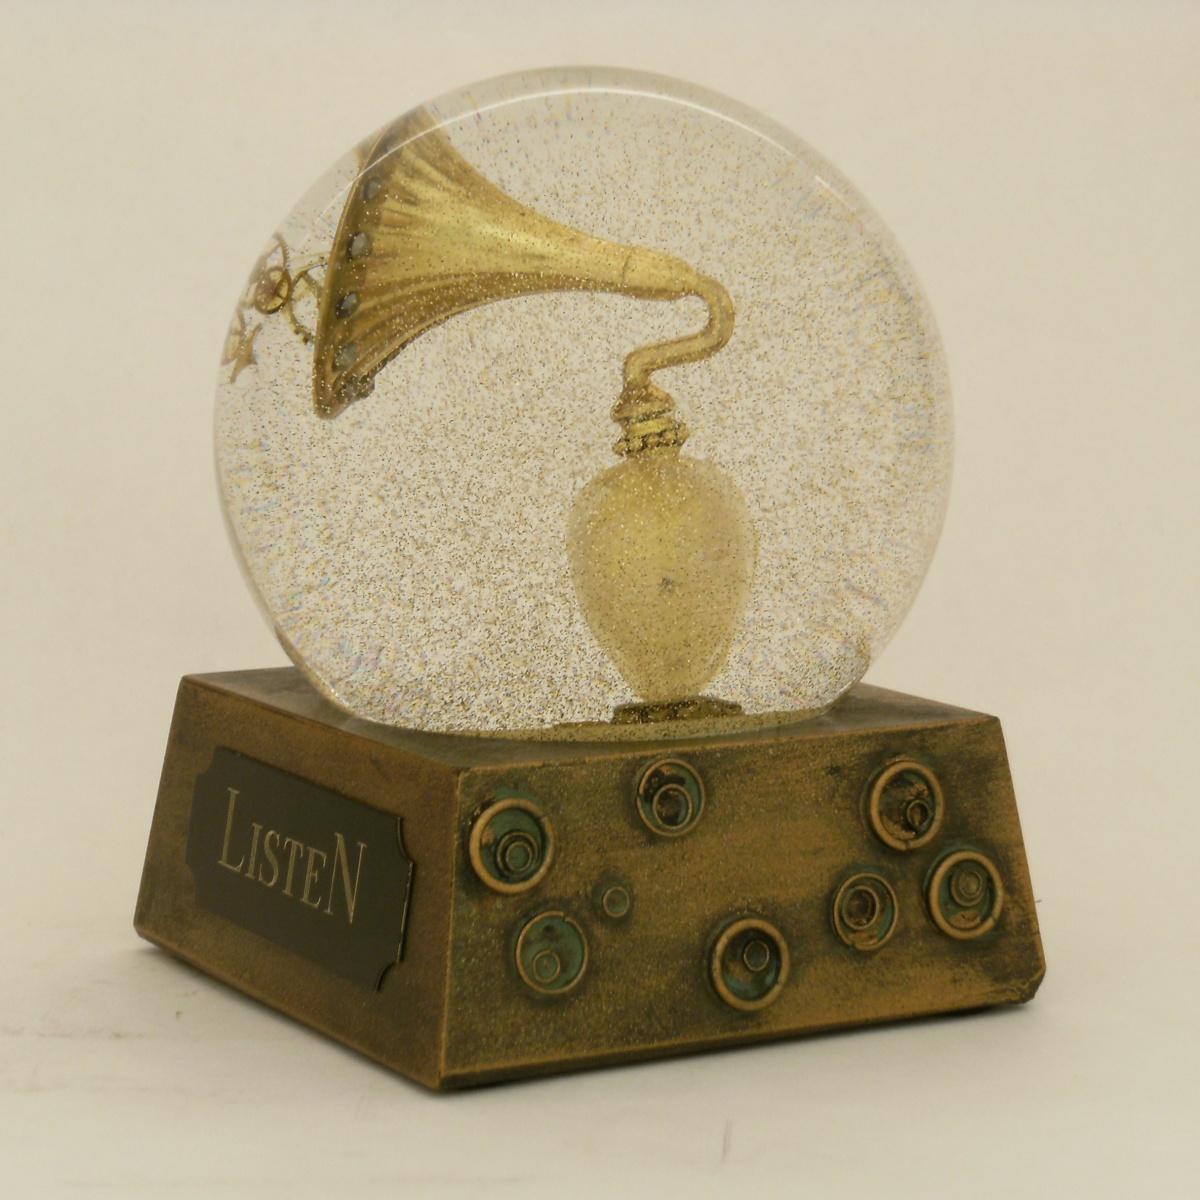 Listen Snow Globe, Camryn Forrest Designs 2012